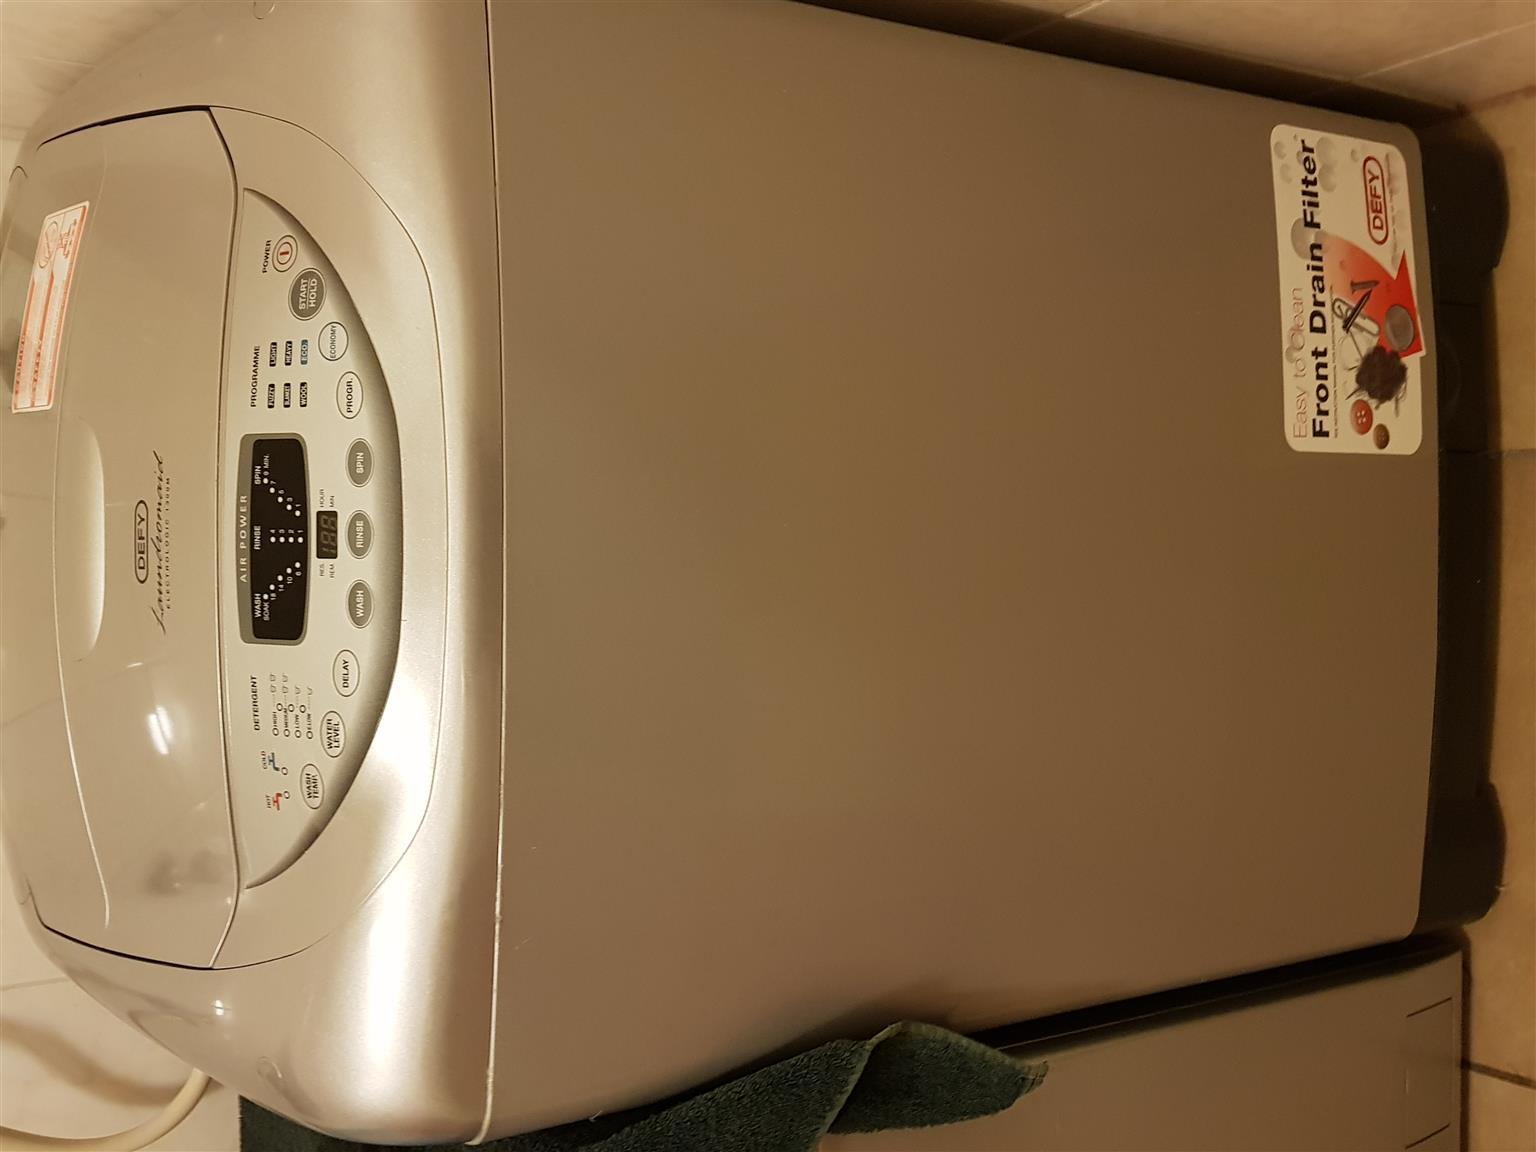 Defy 13kg Laundromaid Washing Machine